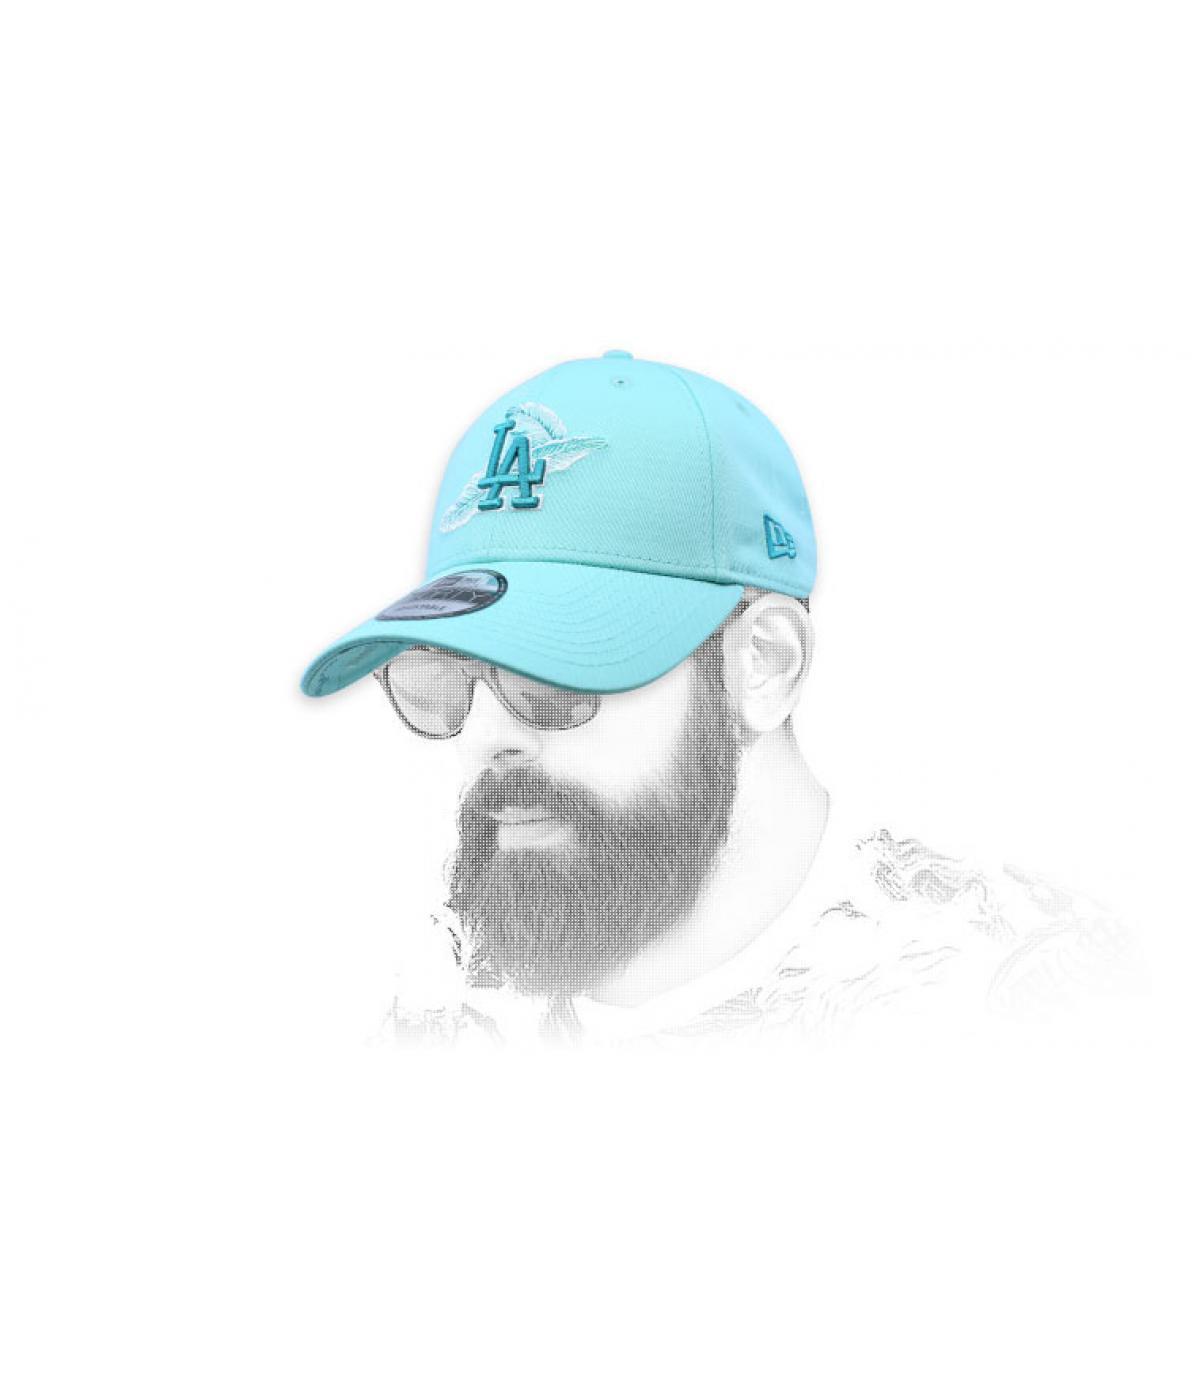 light blue LA cap